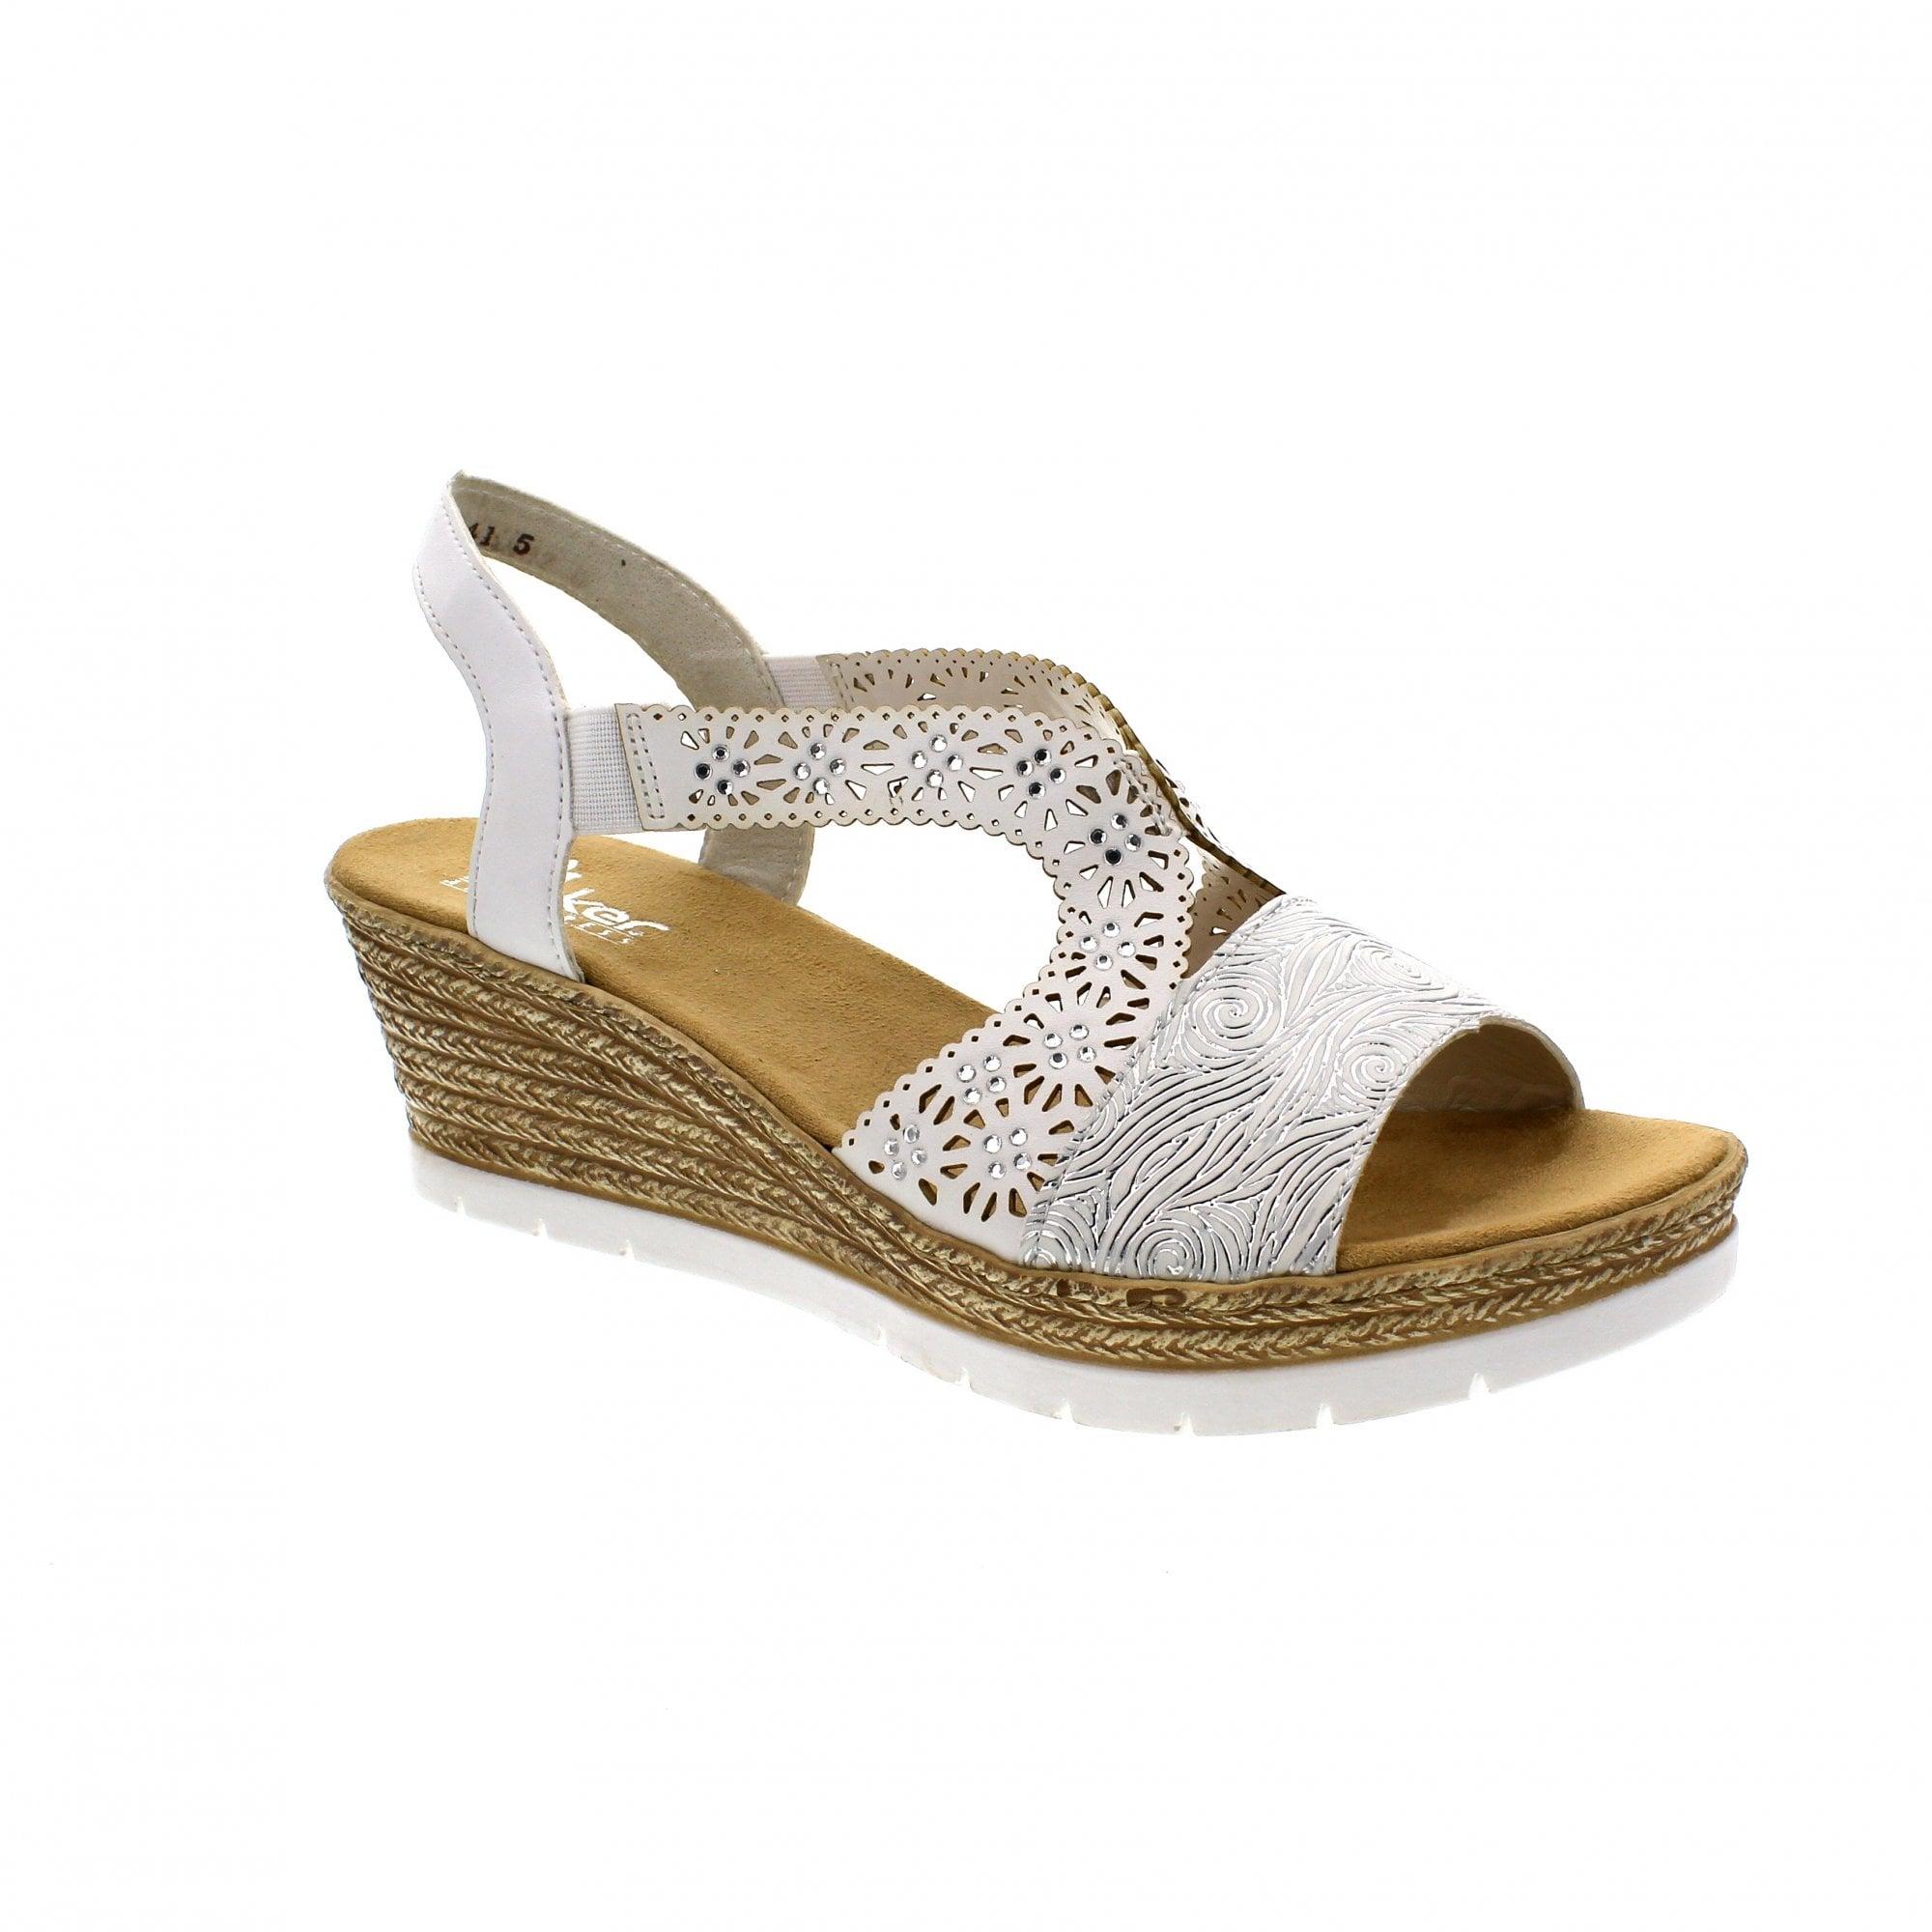 d36c0c0d9 Rieker 61916-80 White/Silver Womens Wedge Sandals | Rogerson Shoes